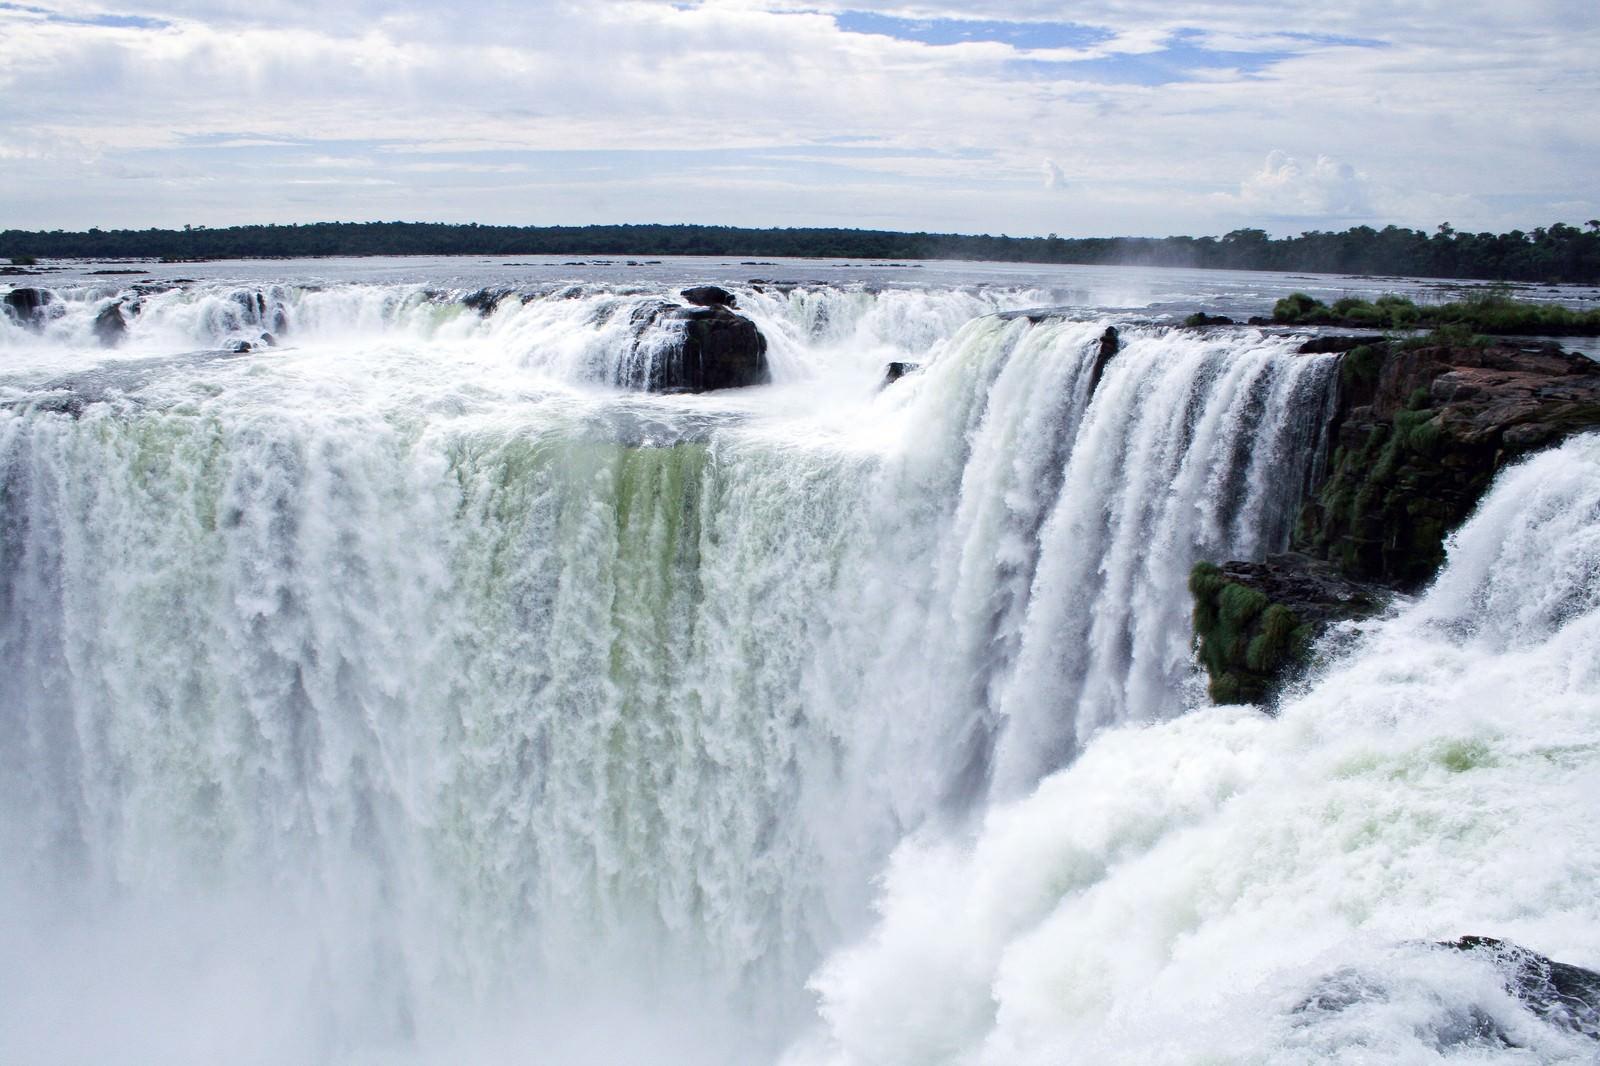 「ブラジルの「イグアスの滝」ブラジルの「イグアスの滝」」のフリー写真素材を拡大